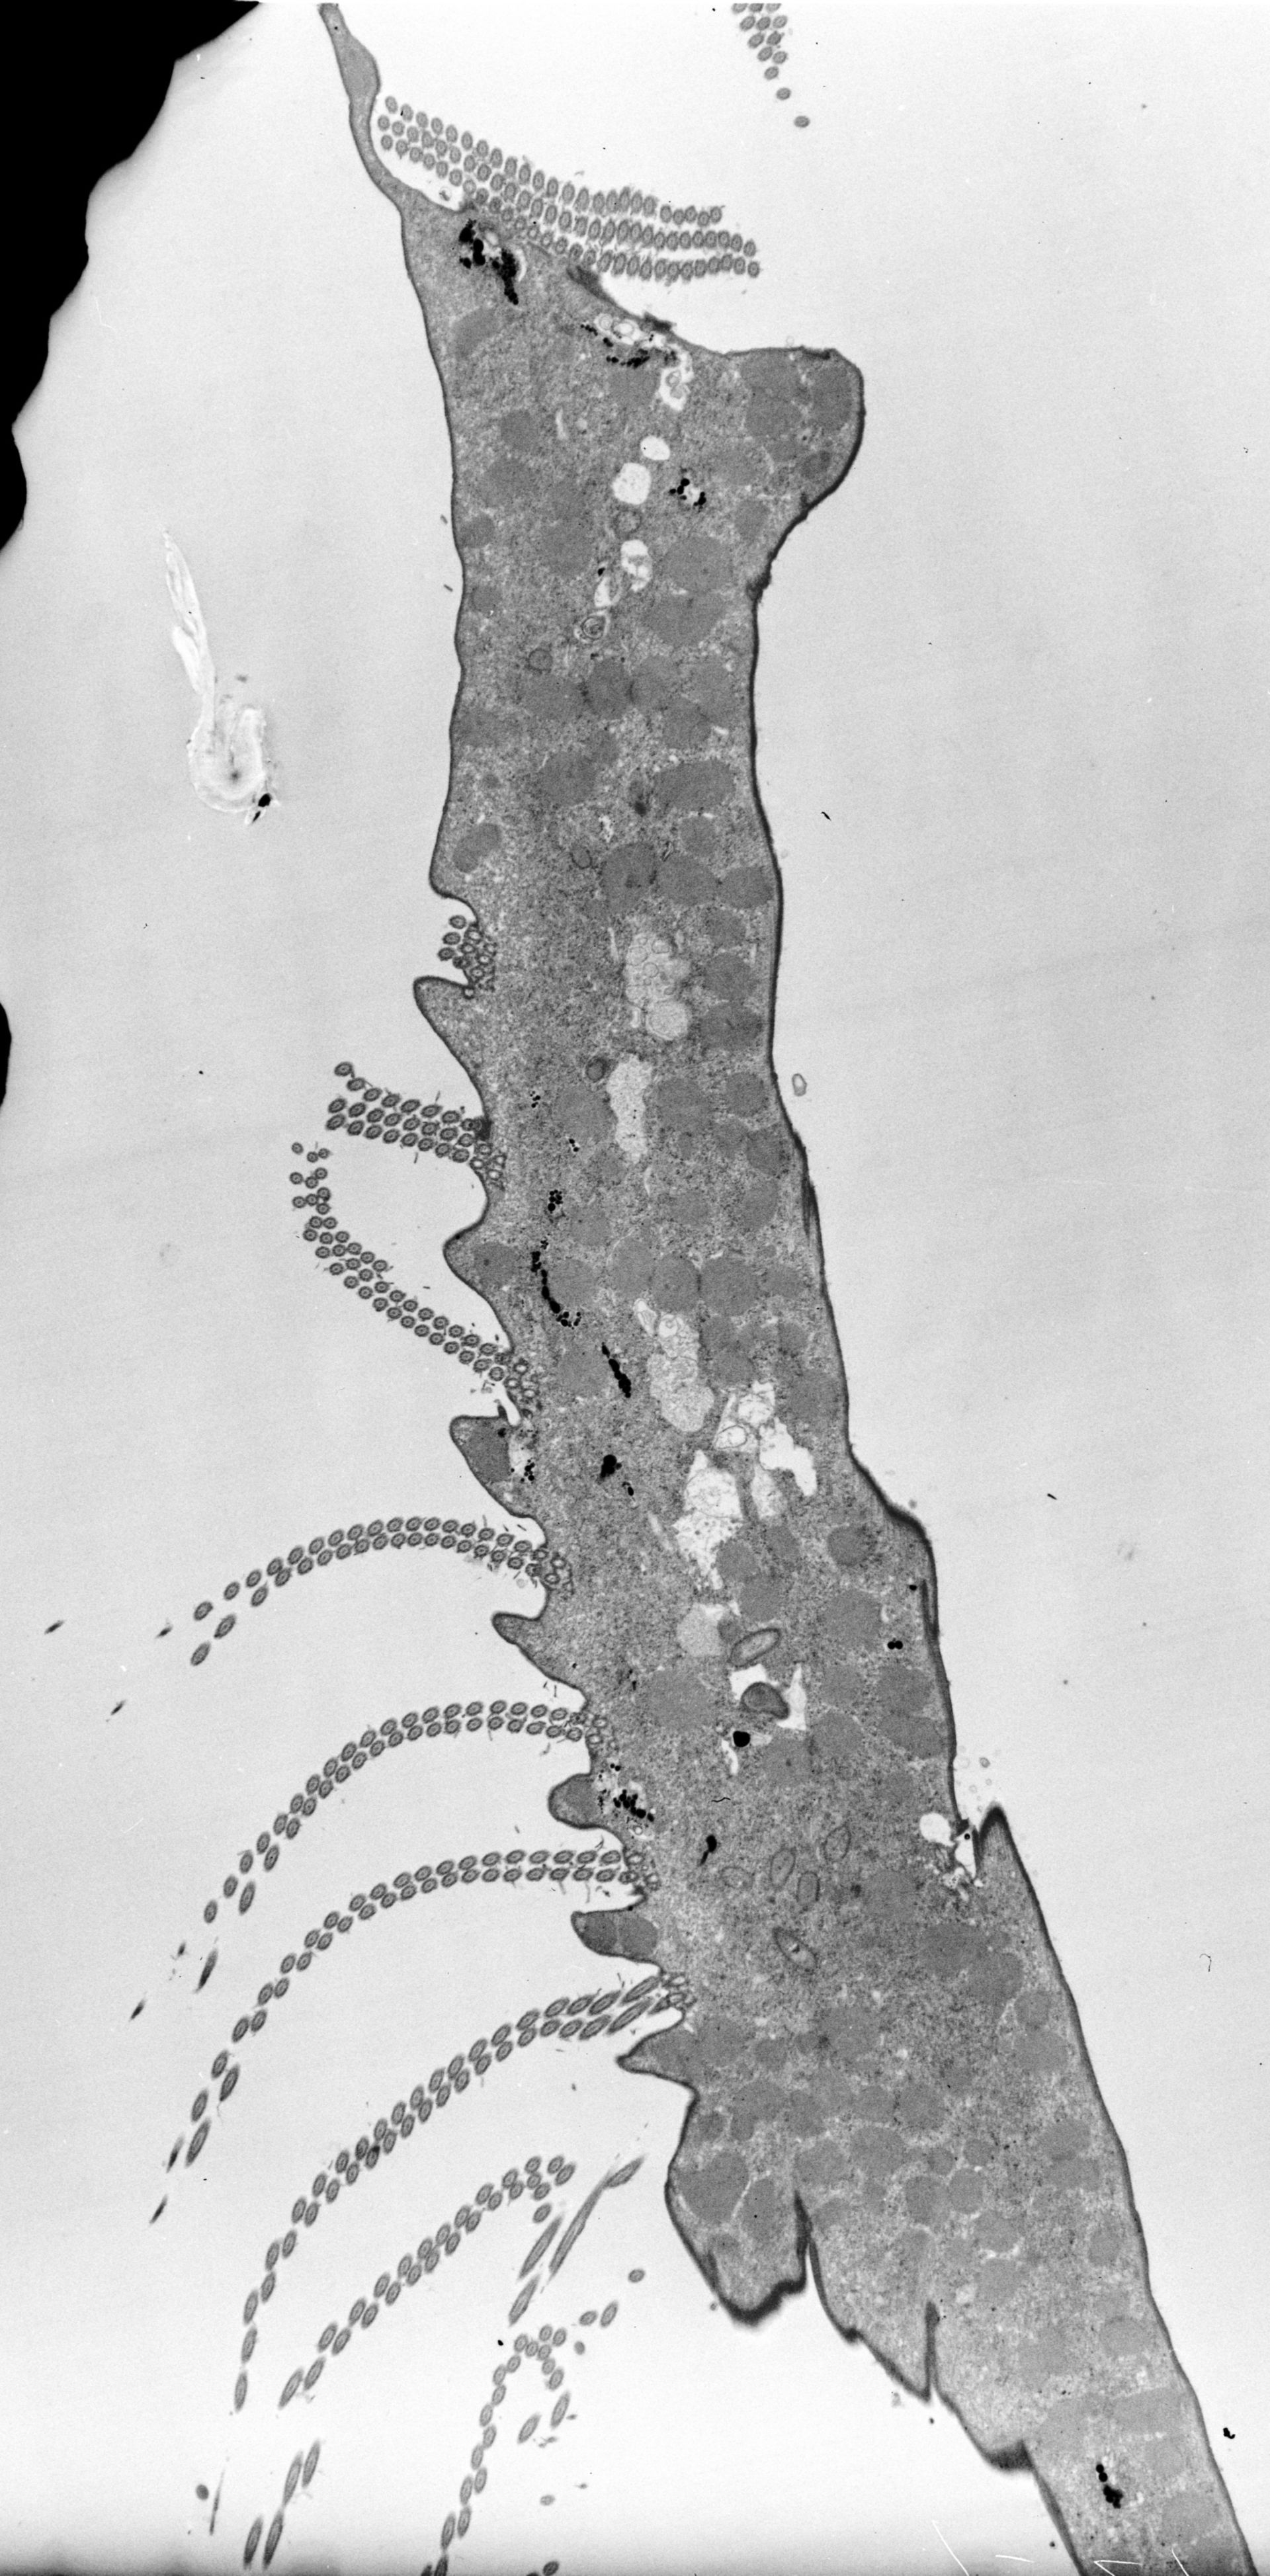 Euplotes sp. (citoplasma) - CIL:38890